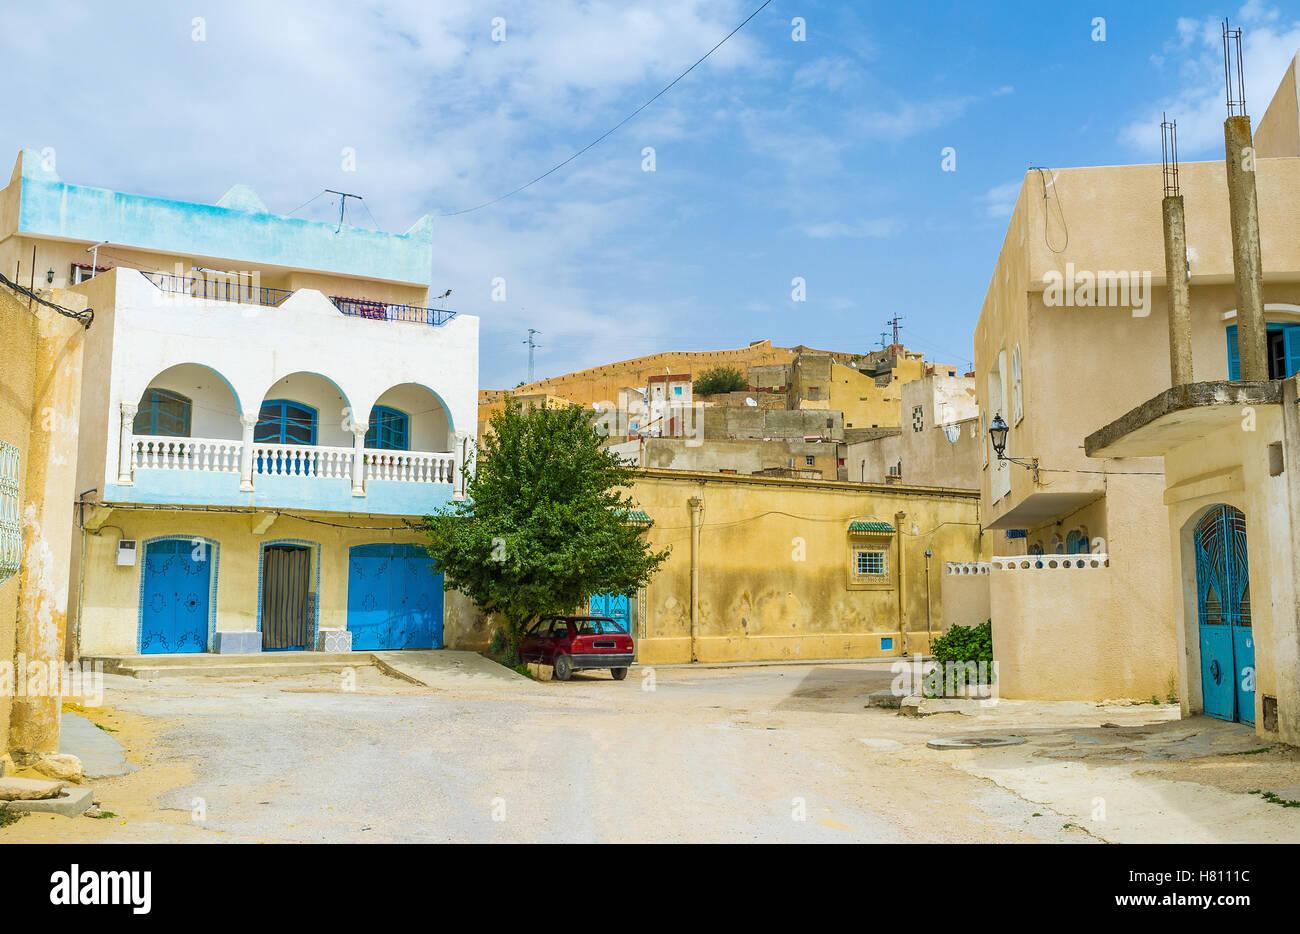 La vieille ville d'El Kef se compose de labyrinthe de rues avec des maisons arabes traditionnelles, la Tunisie. Photo Stock